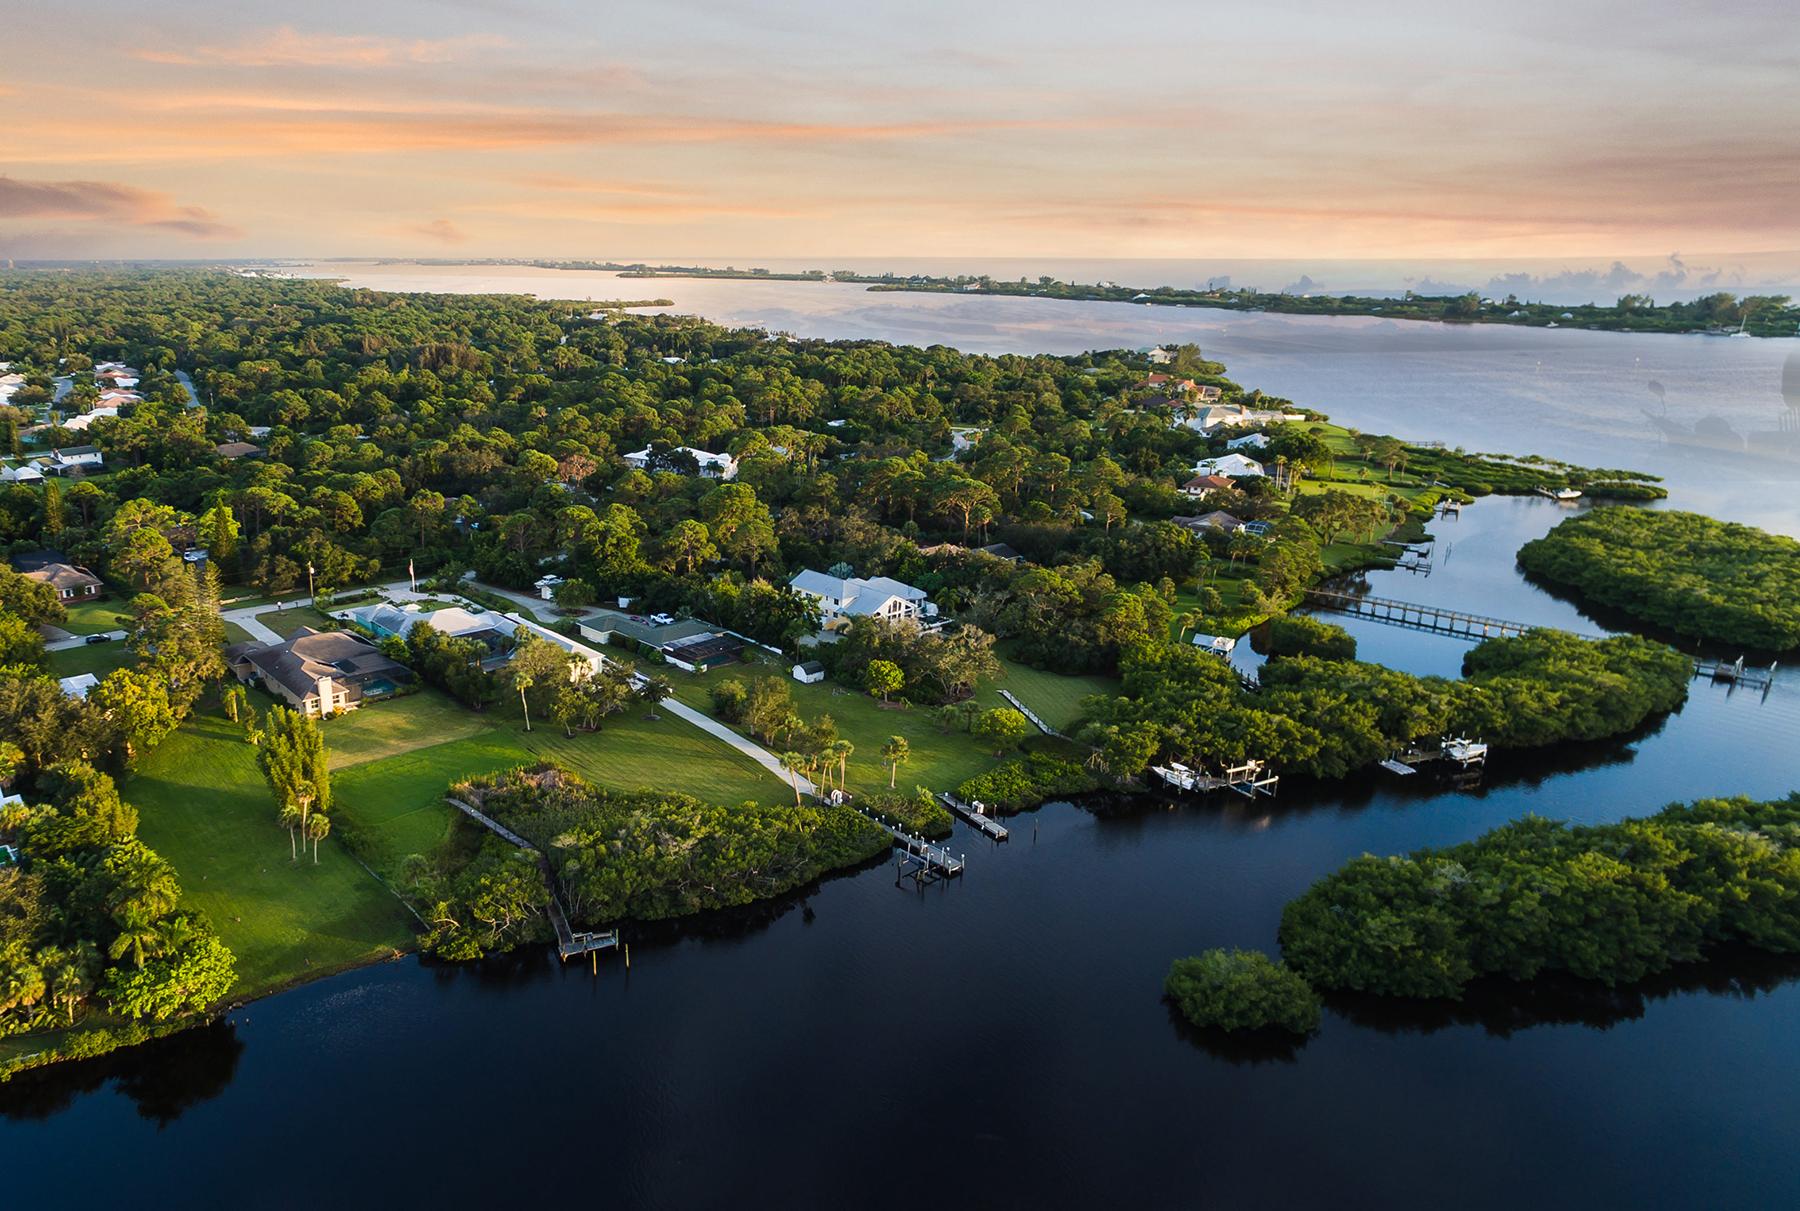 独户住宅 为 销售 在 ENGLEWOOD GARDENS 1415 Bayshore Dr 恩格尔伍德, 佛罗里达州, 34223 美国